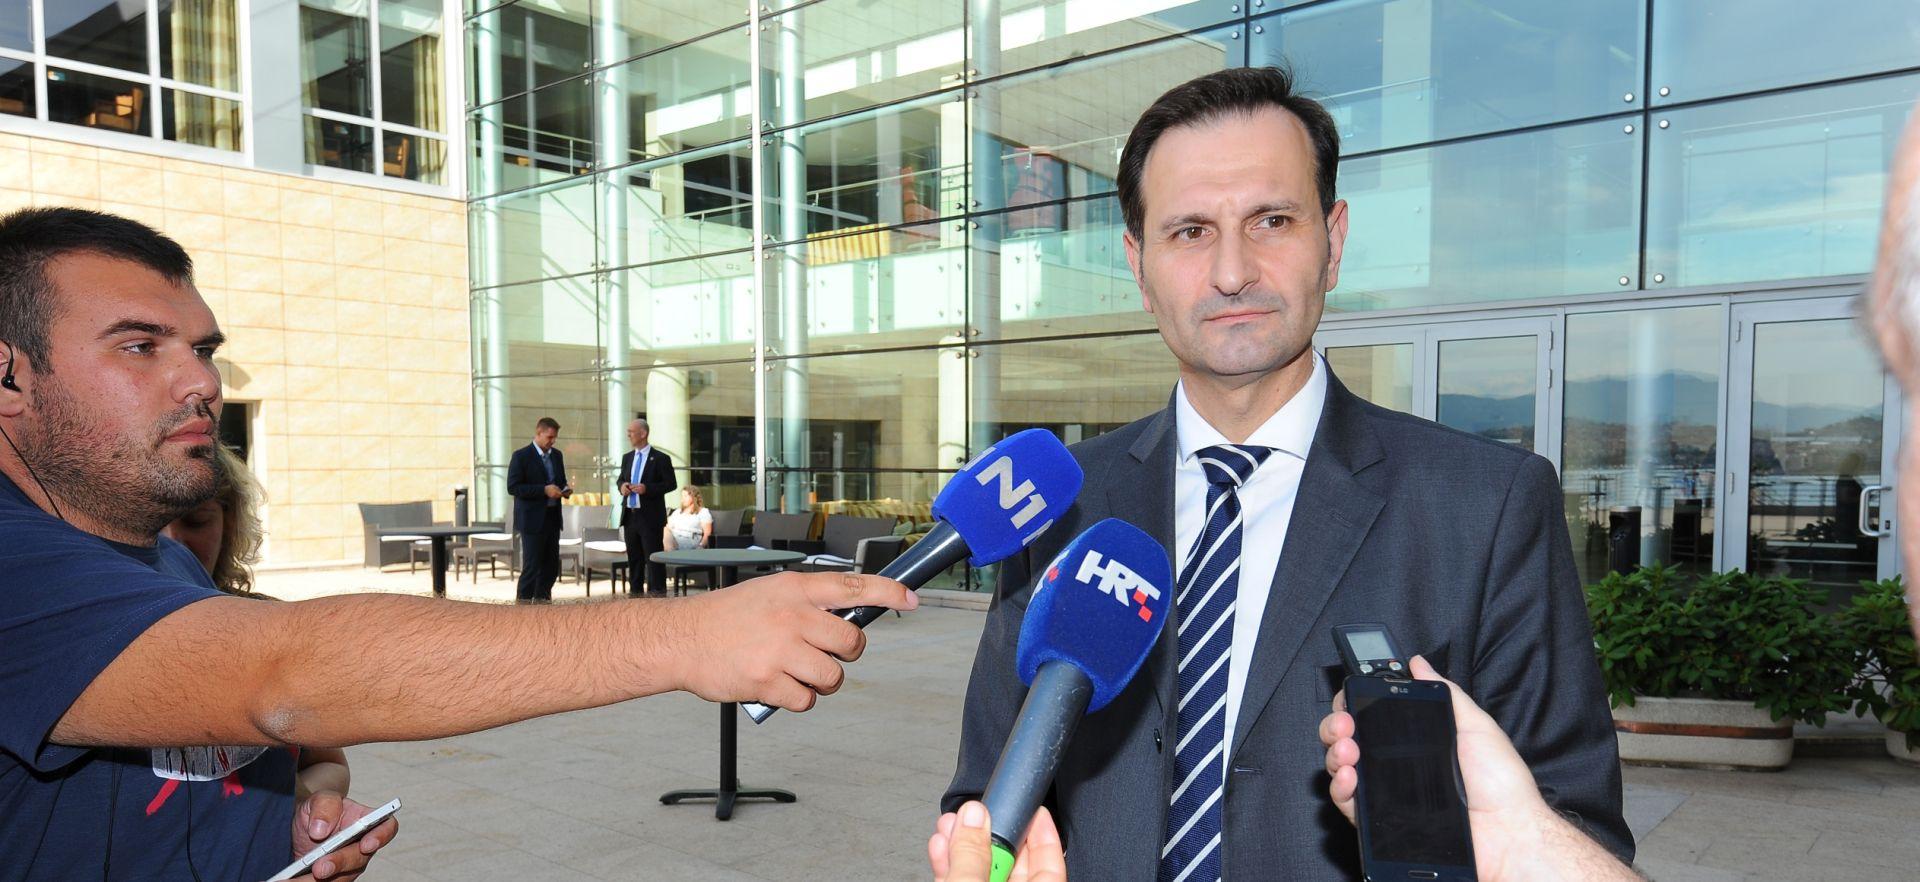 MIRO KOVAČ 'Arbitražni postupak za Hrvatsku više nije relevantan'